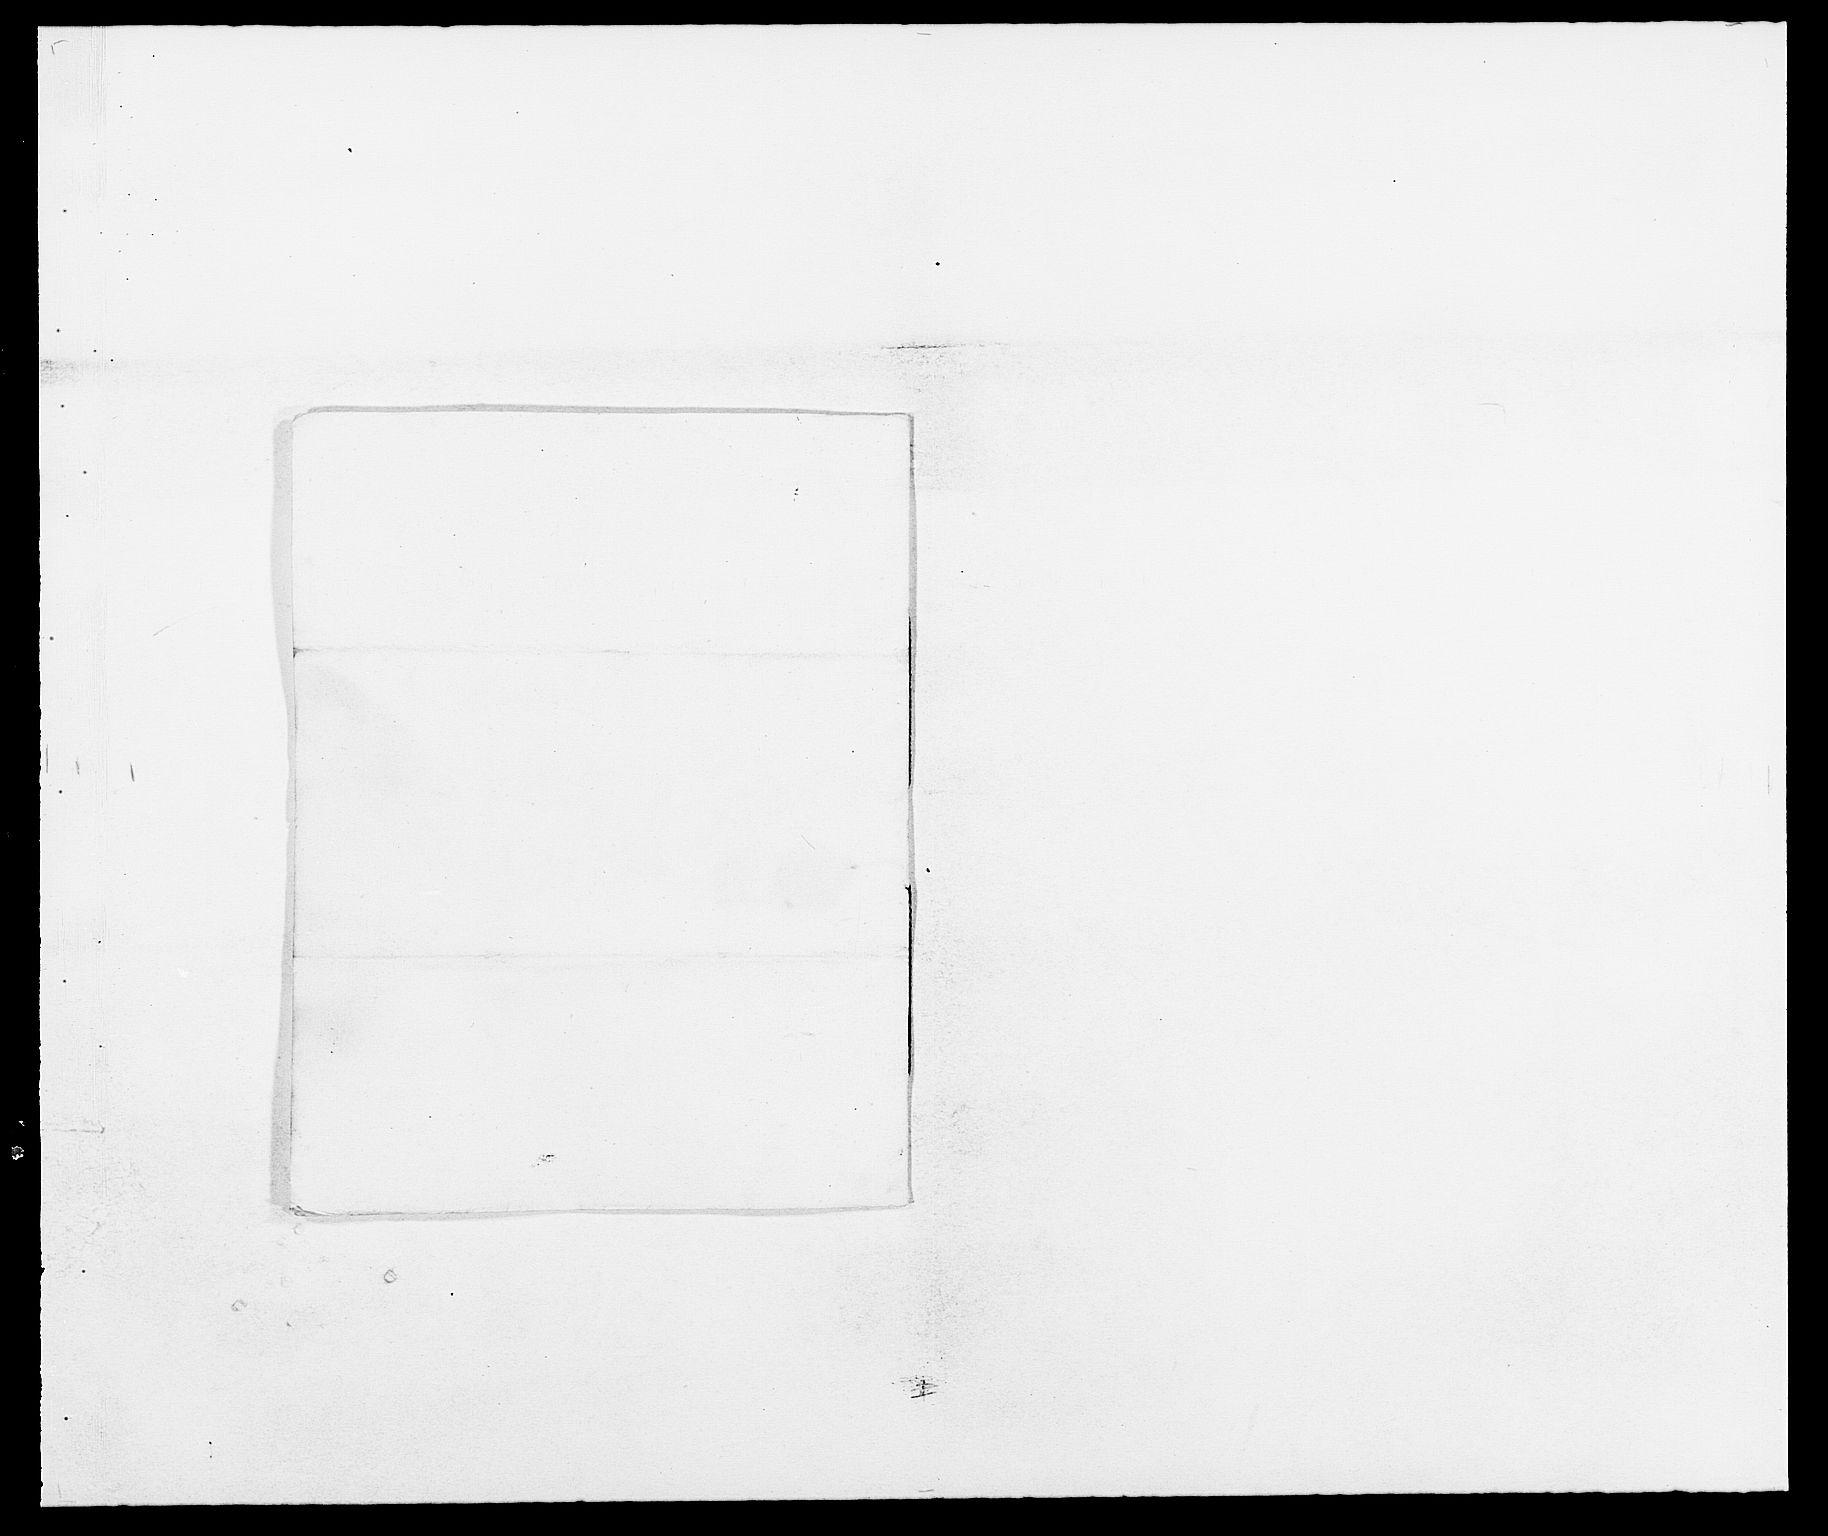 RA, Rentekammeret inntil 1814, Reviderte regnskaper, Fogderegnskap, R08/L0422: Fogderegnskap Aker, 1684-1686, s. 290